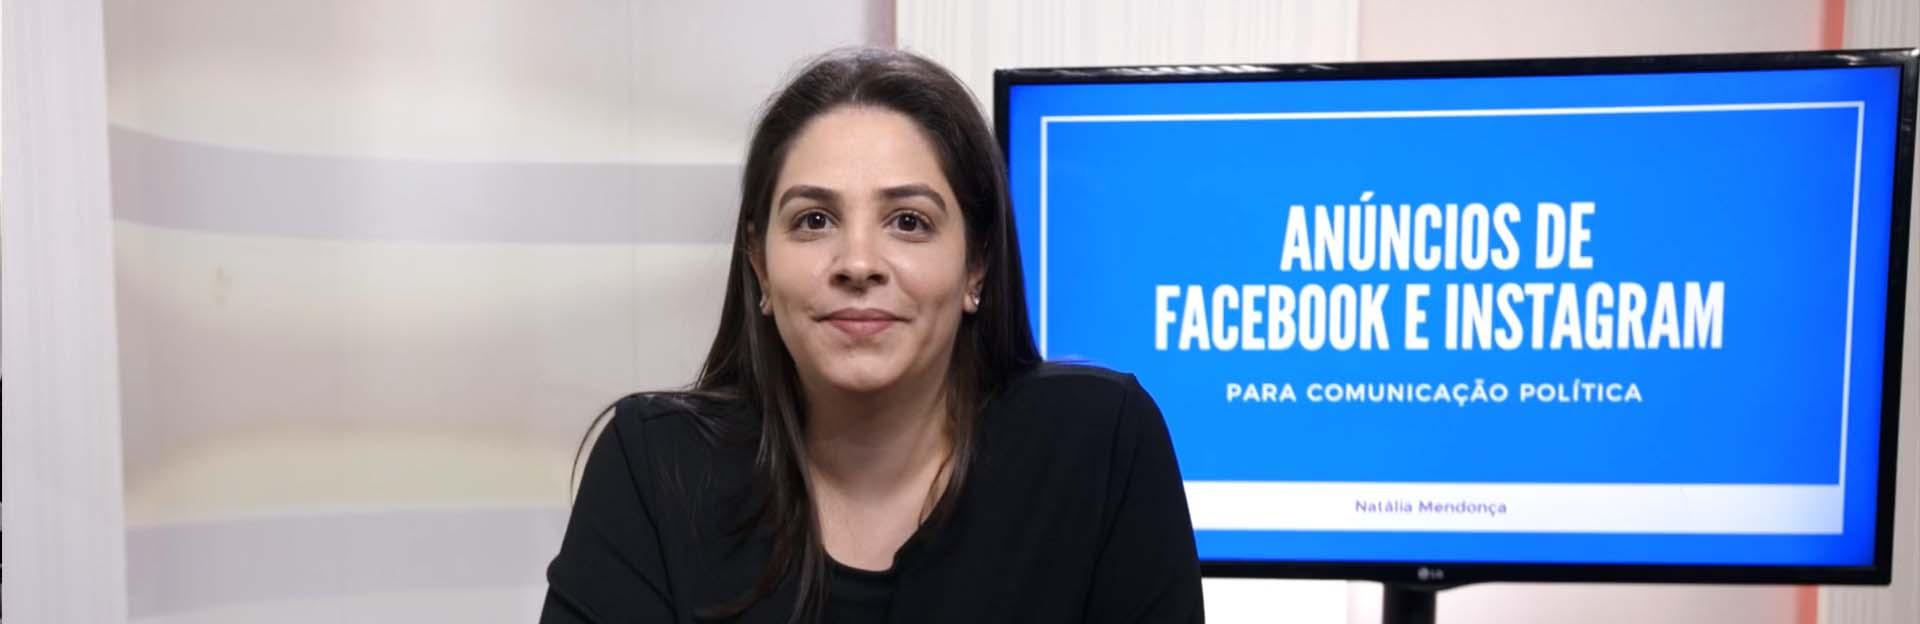 Anúncios de Facebook e Instagram para políticos e candidatos Natália Mendonça